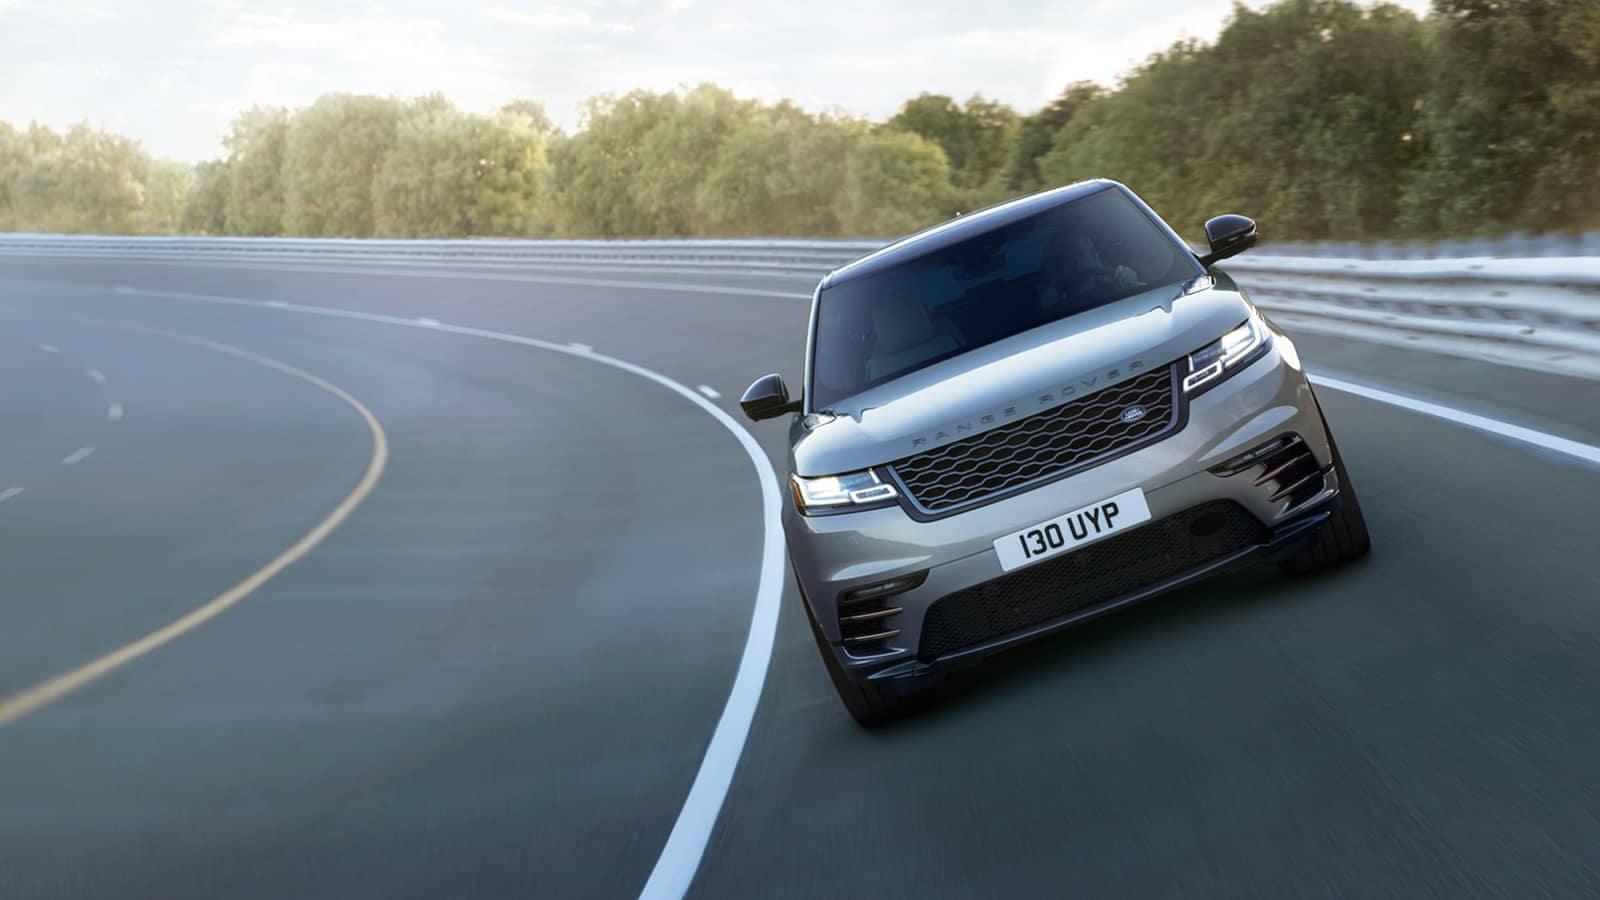 2019 Land Rover Range Rover Velar Driving